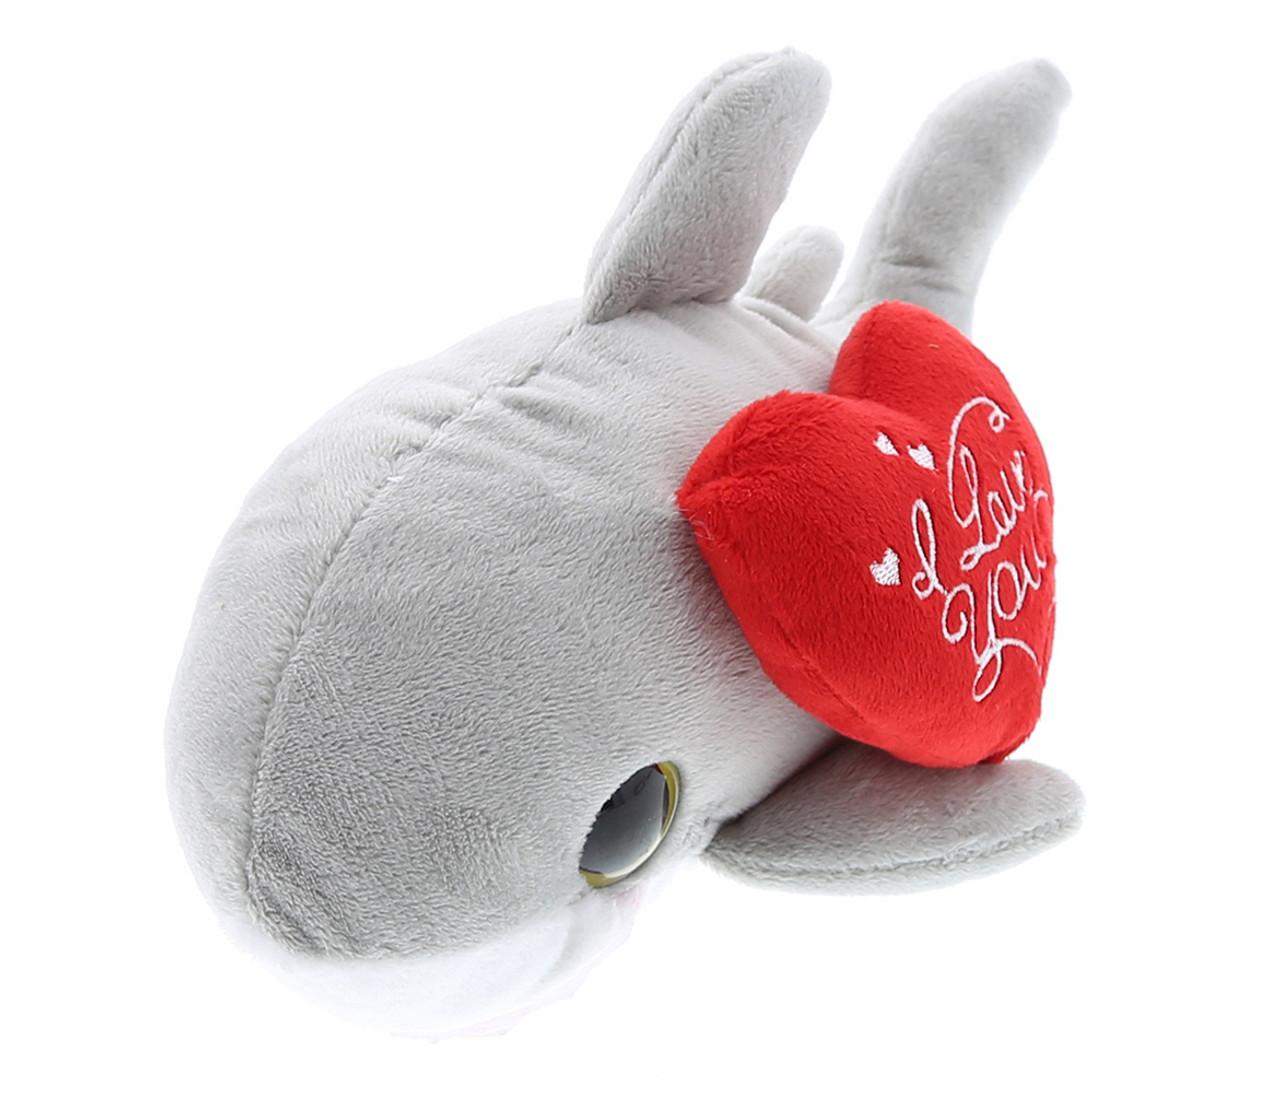 Dollibu Dollibu Large Grey Dolphin I Love You Valentines Plush Super Soft Plush